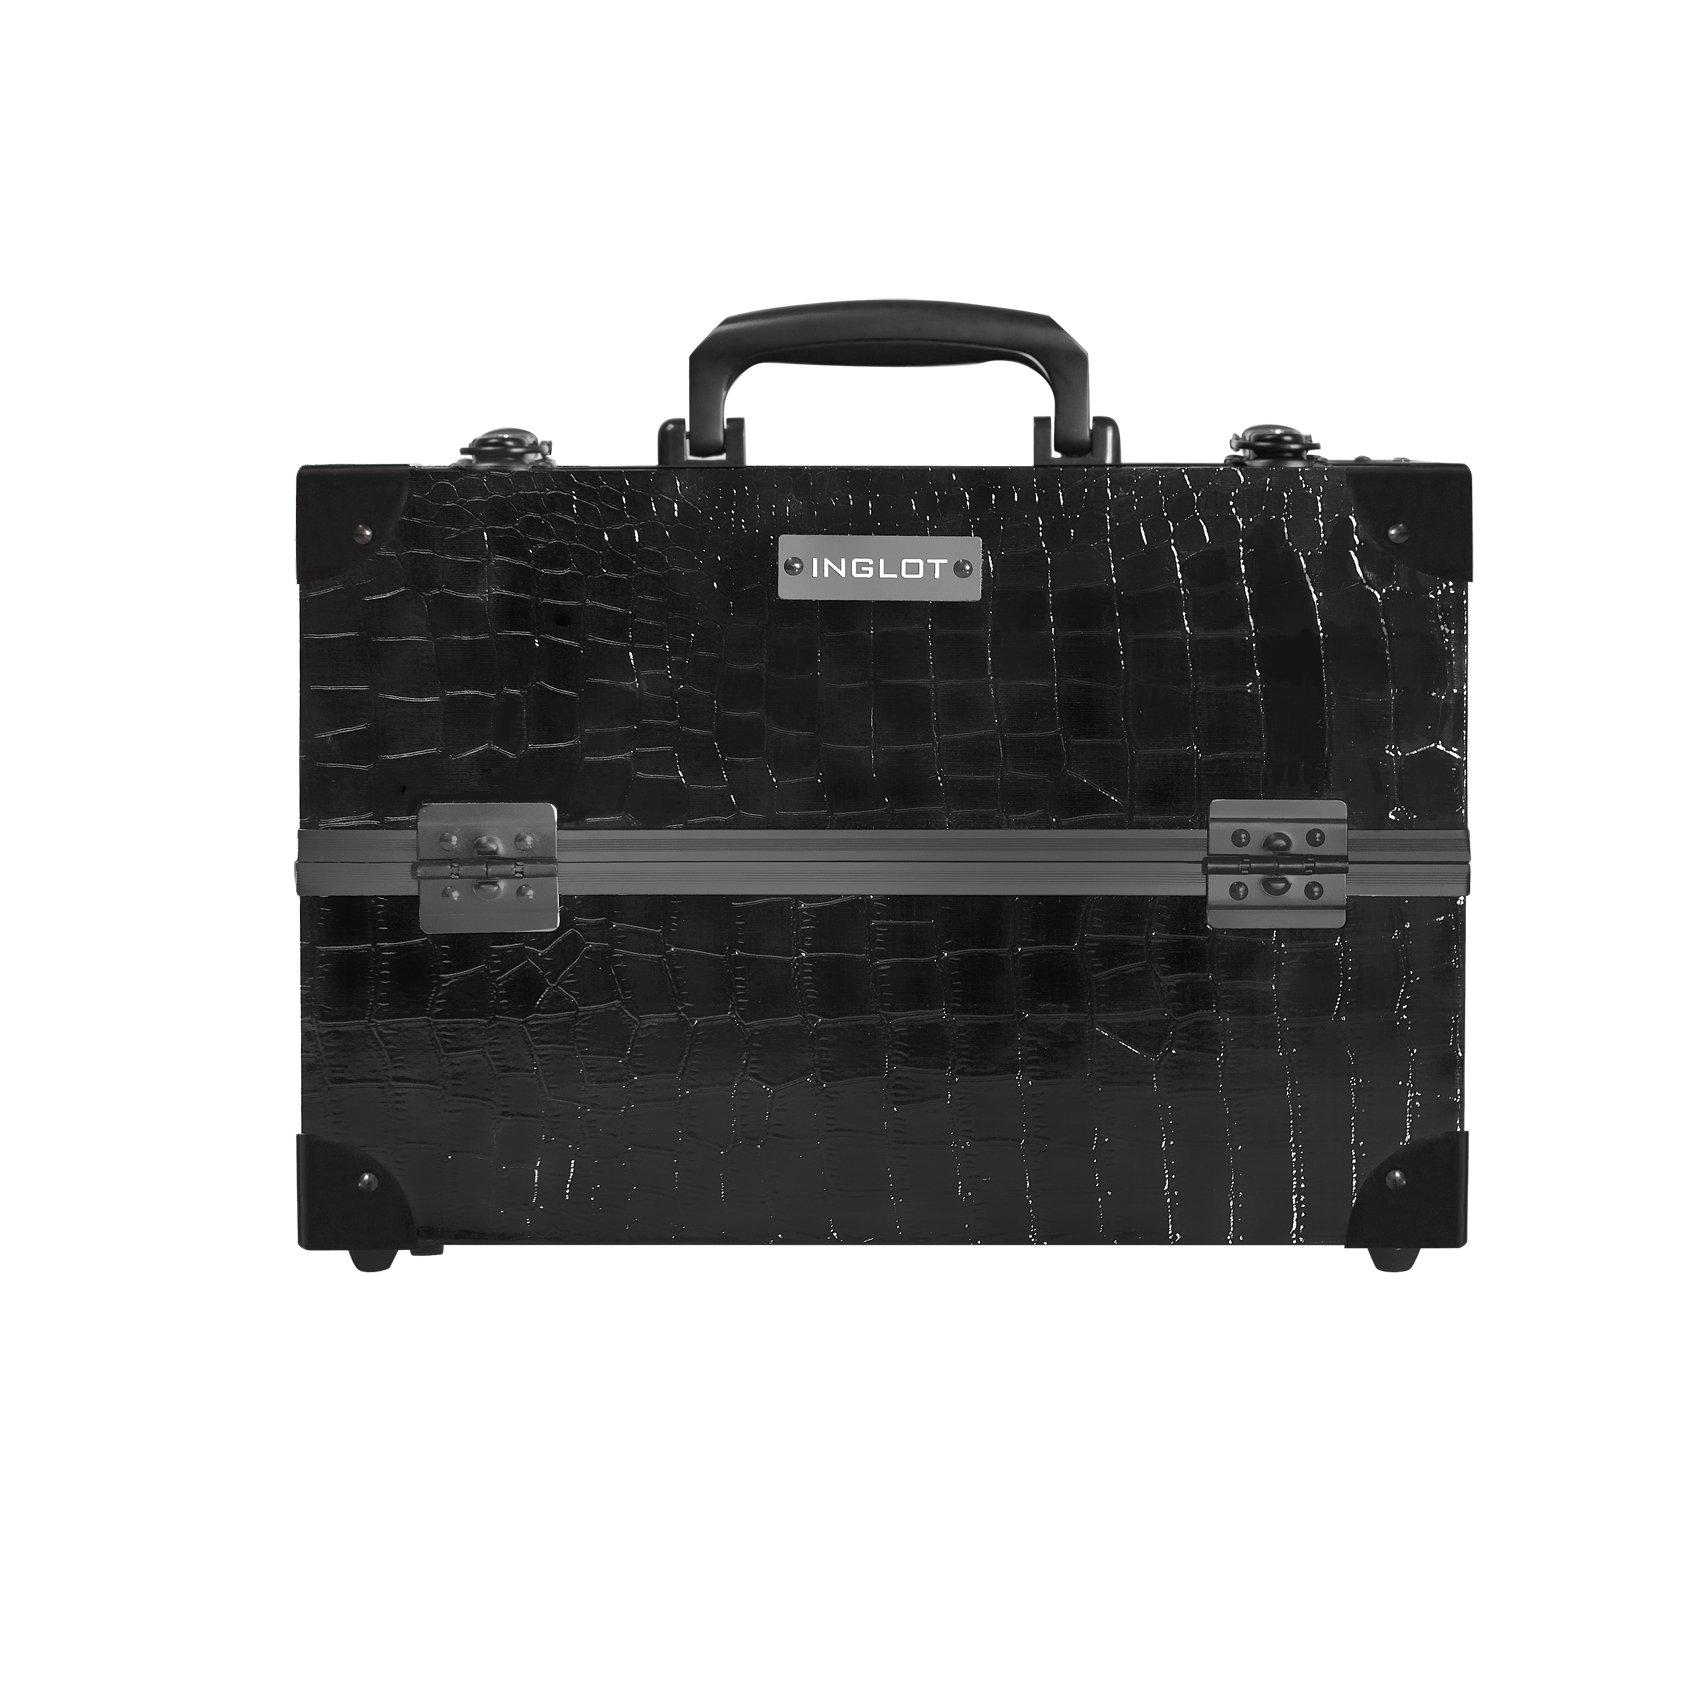 Inglot Inglot Makeup Case Crocodile Leather Pattern Medium Kc-Pac01 by Inglot